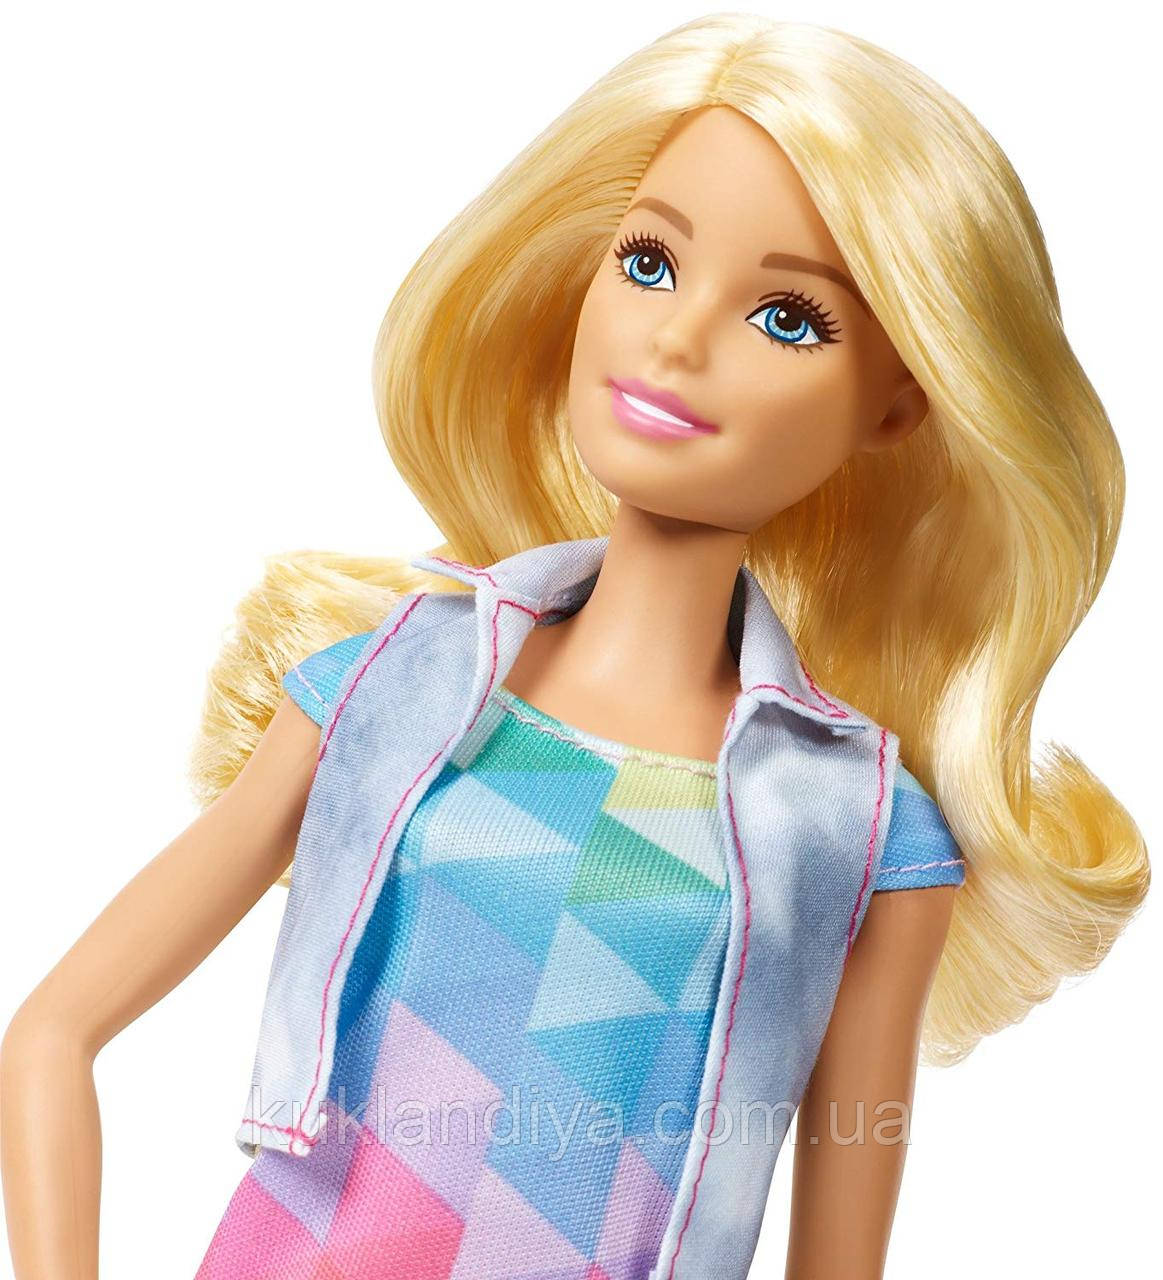 Кукла Барби Дизайнер цветной штамп - раскраска одежды ...